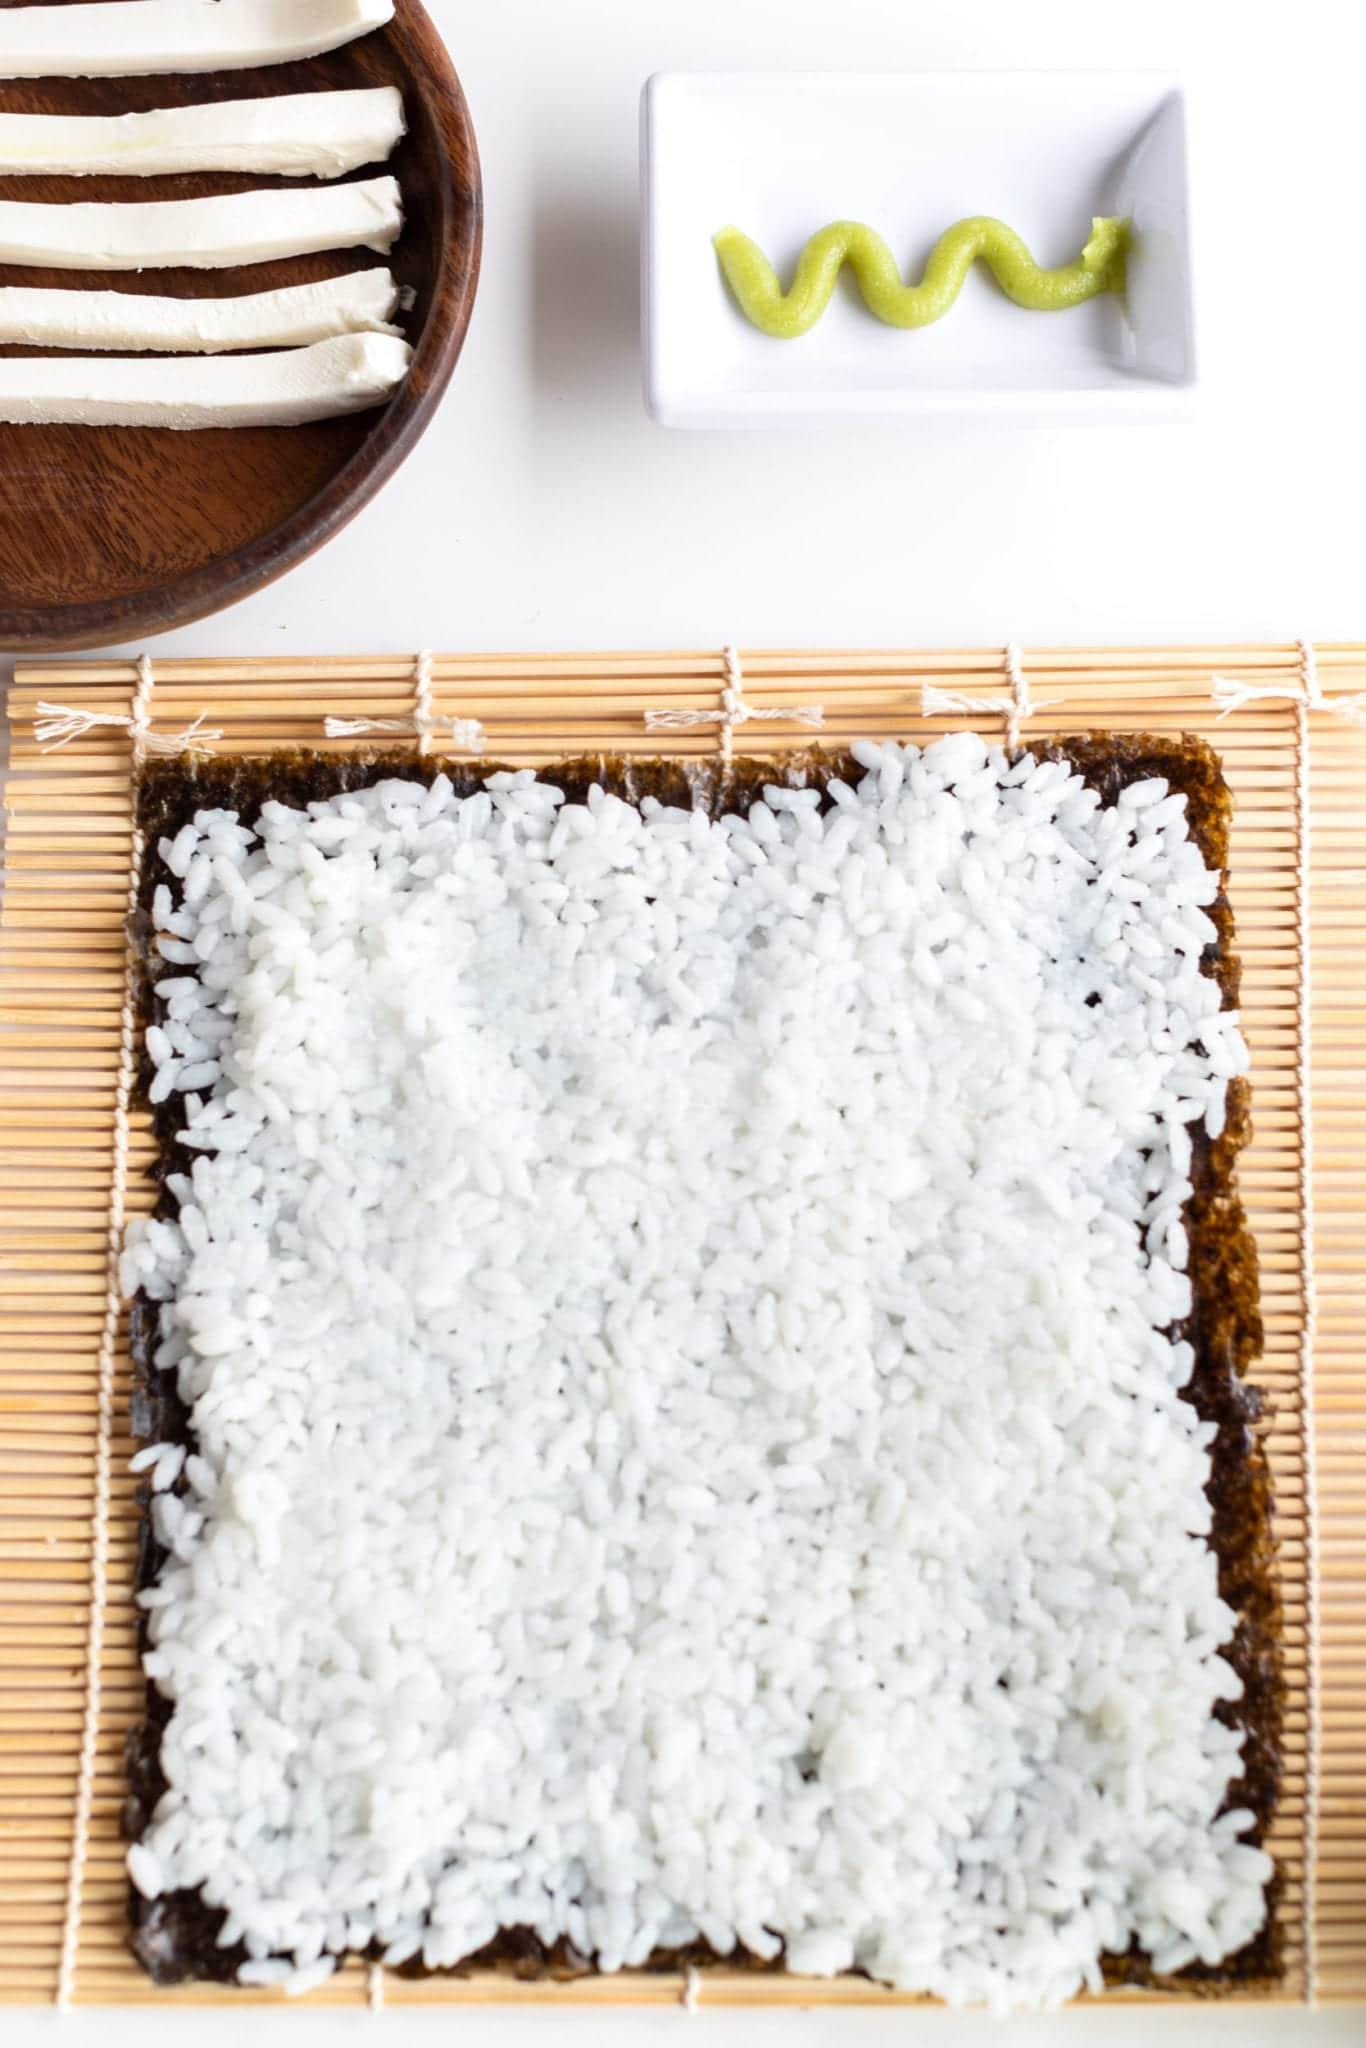 tuna roll step by step bamboo mat with nori, rice spread thin ready to add ingredients #sushi #spicytunamaki #sushirecipe #spicytuna #sushirollrecipes #spicytunamaki #crunchyspicytunaroll